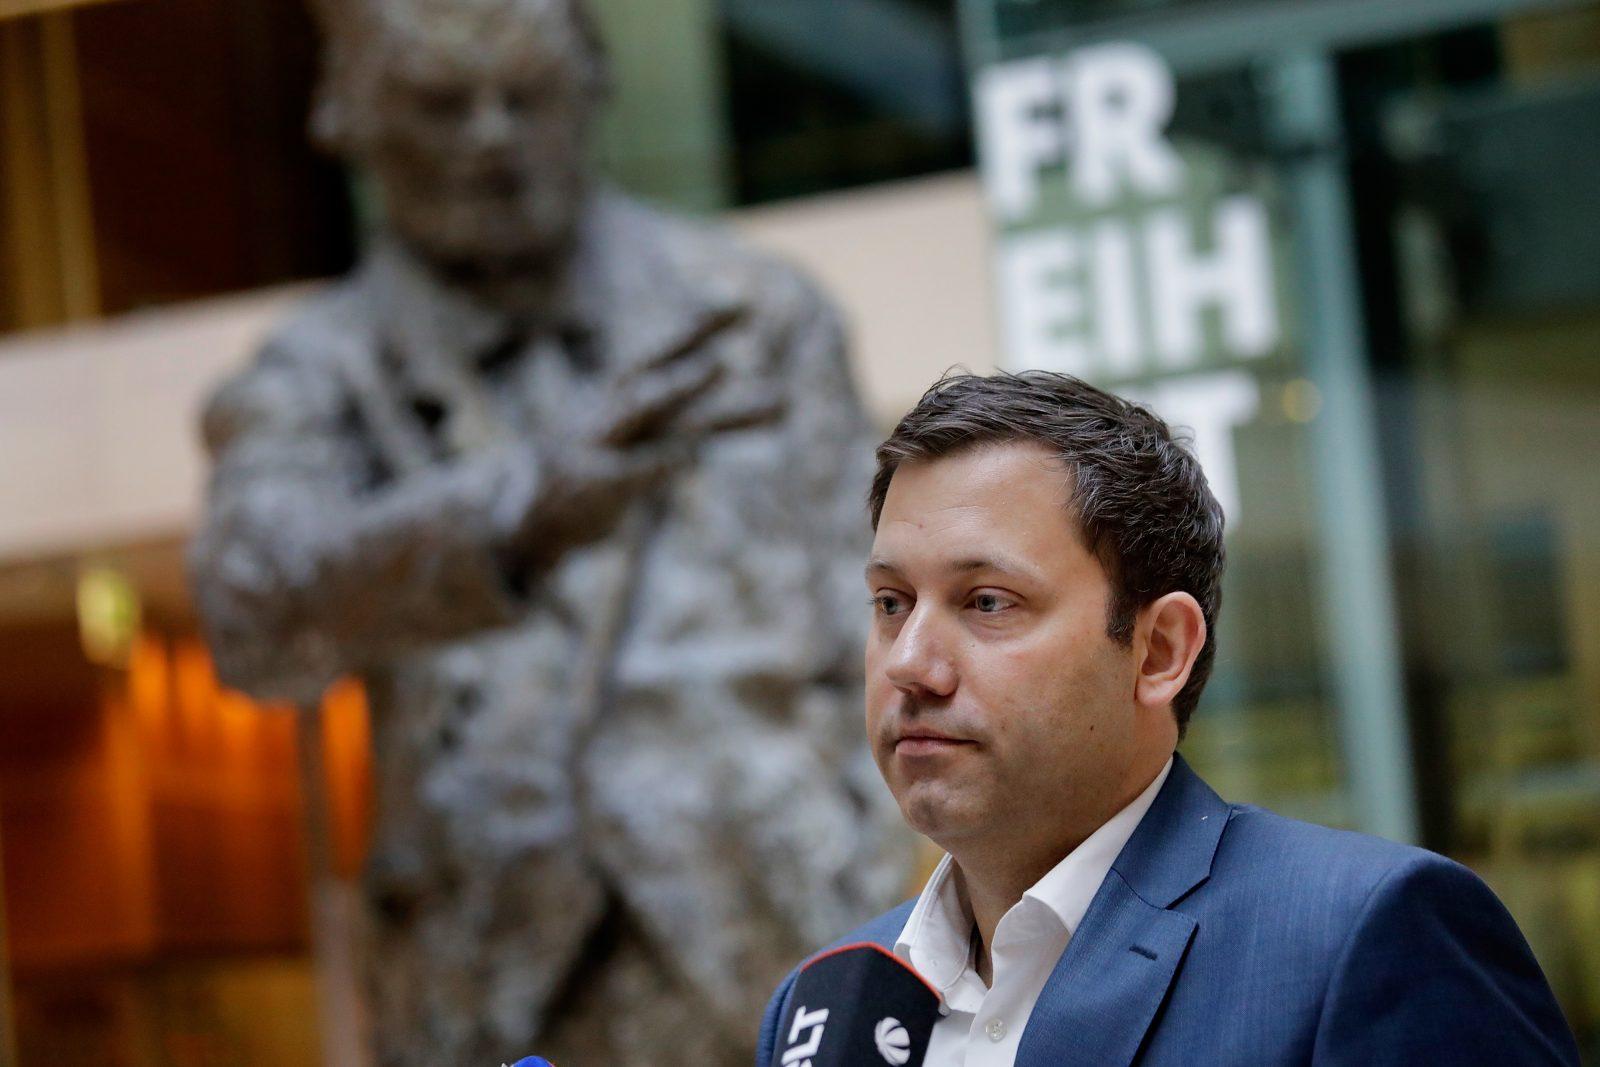 SPD-Generalsekretär Klingbeil zum Sarrazin-Ausschluss